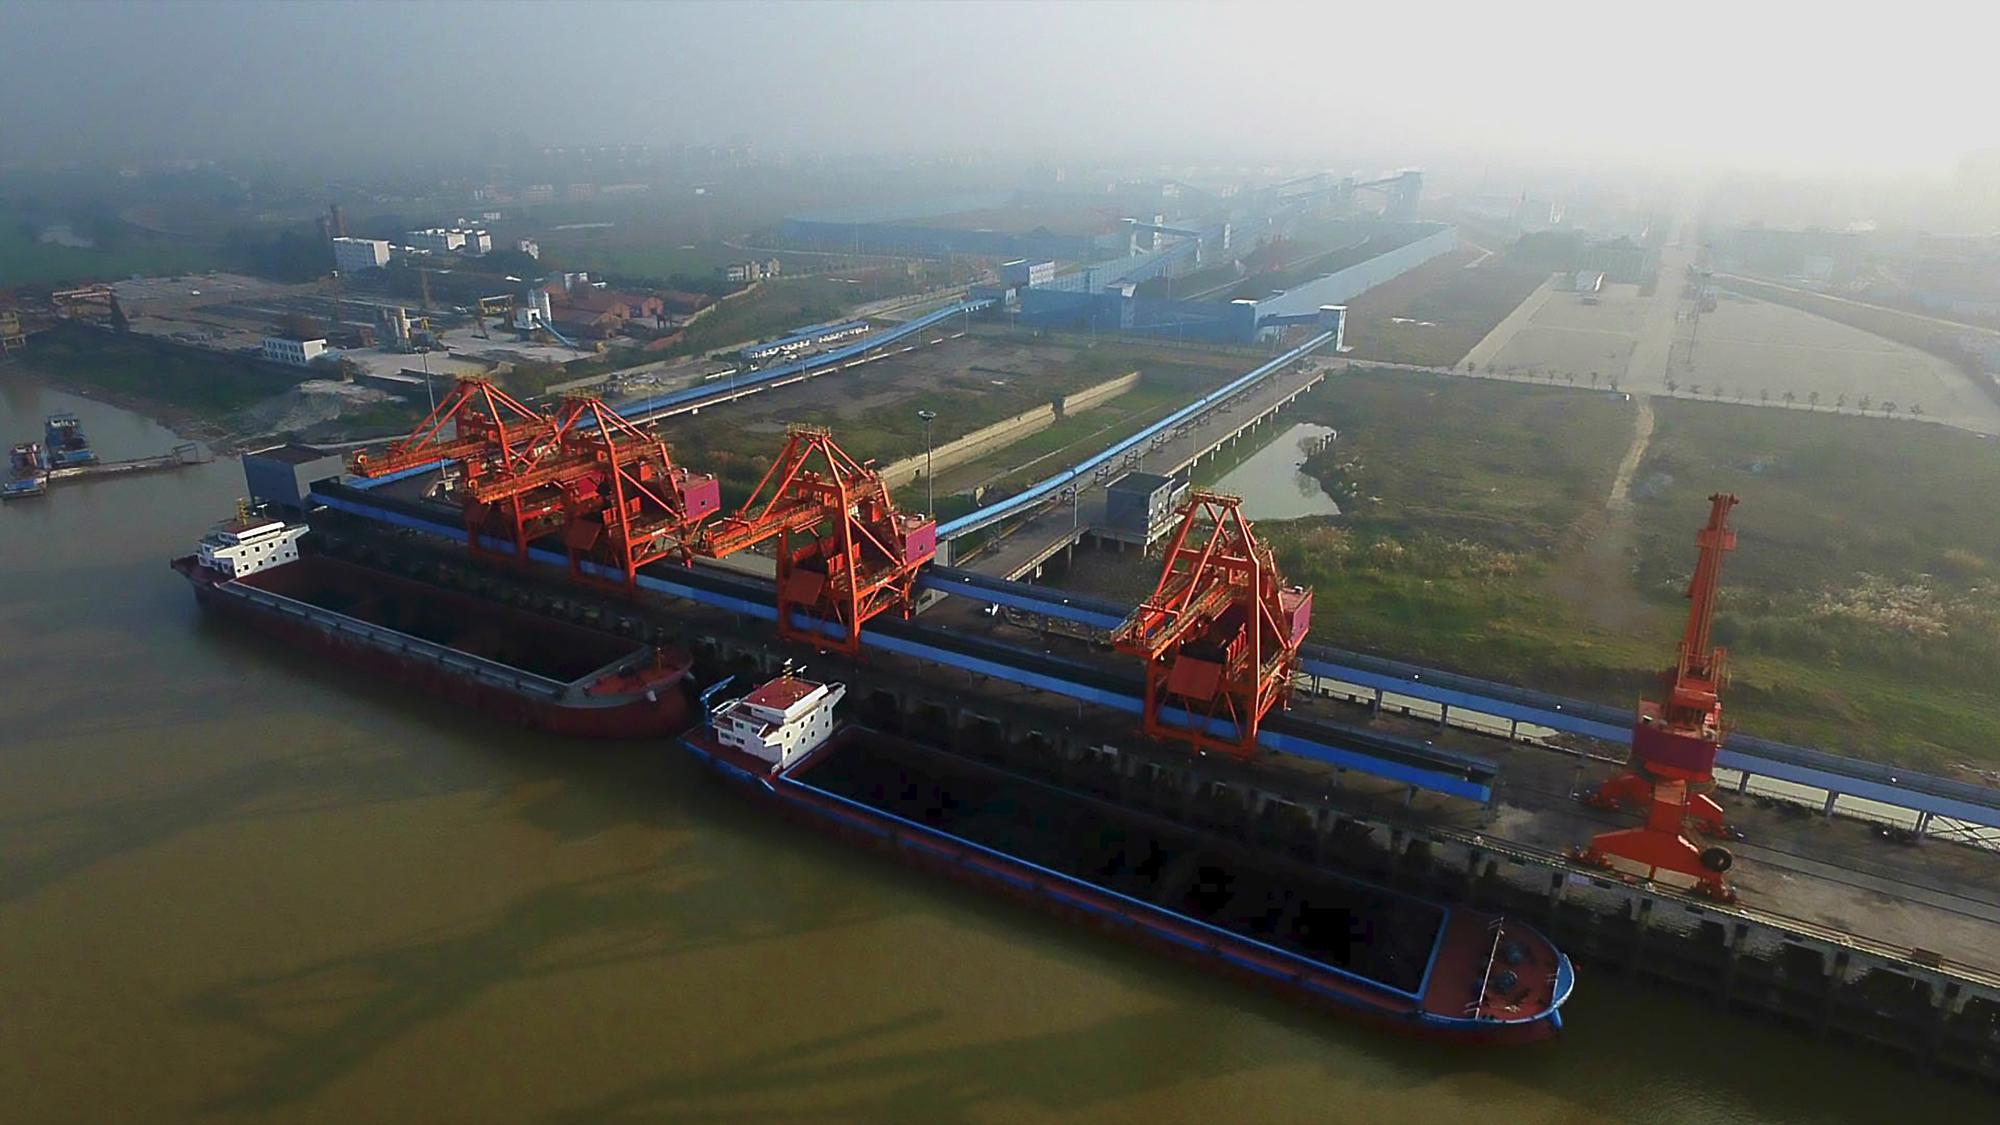 江西煤炭储备中心九江码头于2012年建成的一个煤炭专业码头。该项目设计煤炭中转量875万吨/年,-2017年1月正式投入运行。图为江西煤炭储备中心全景。.jpg